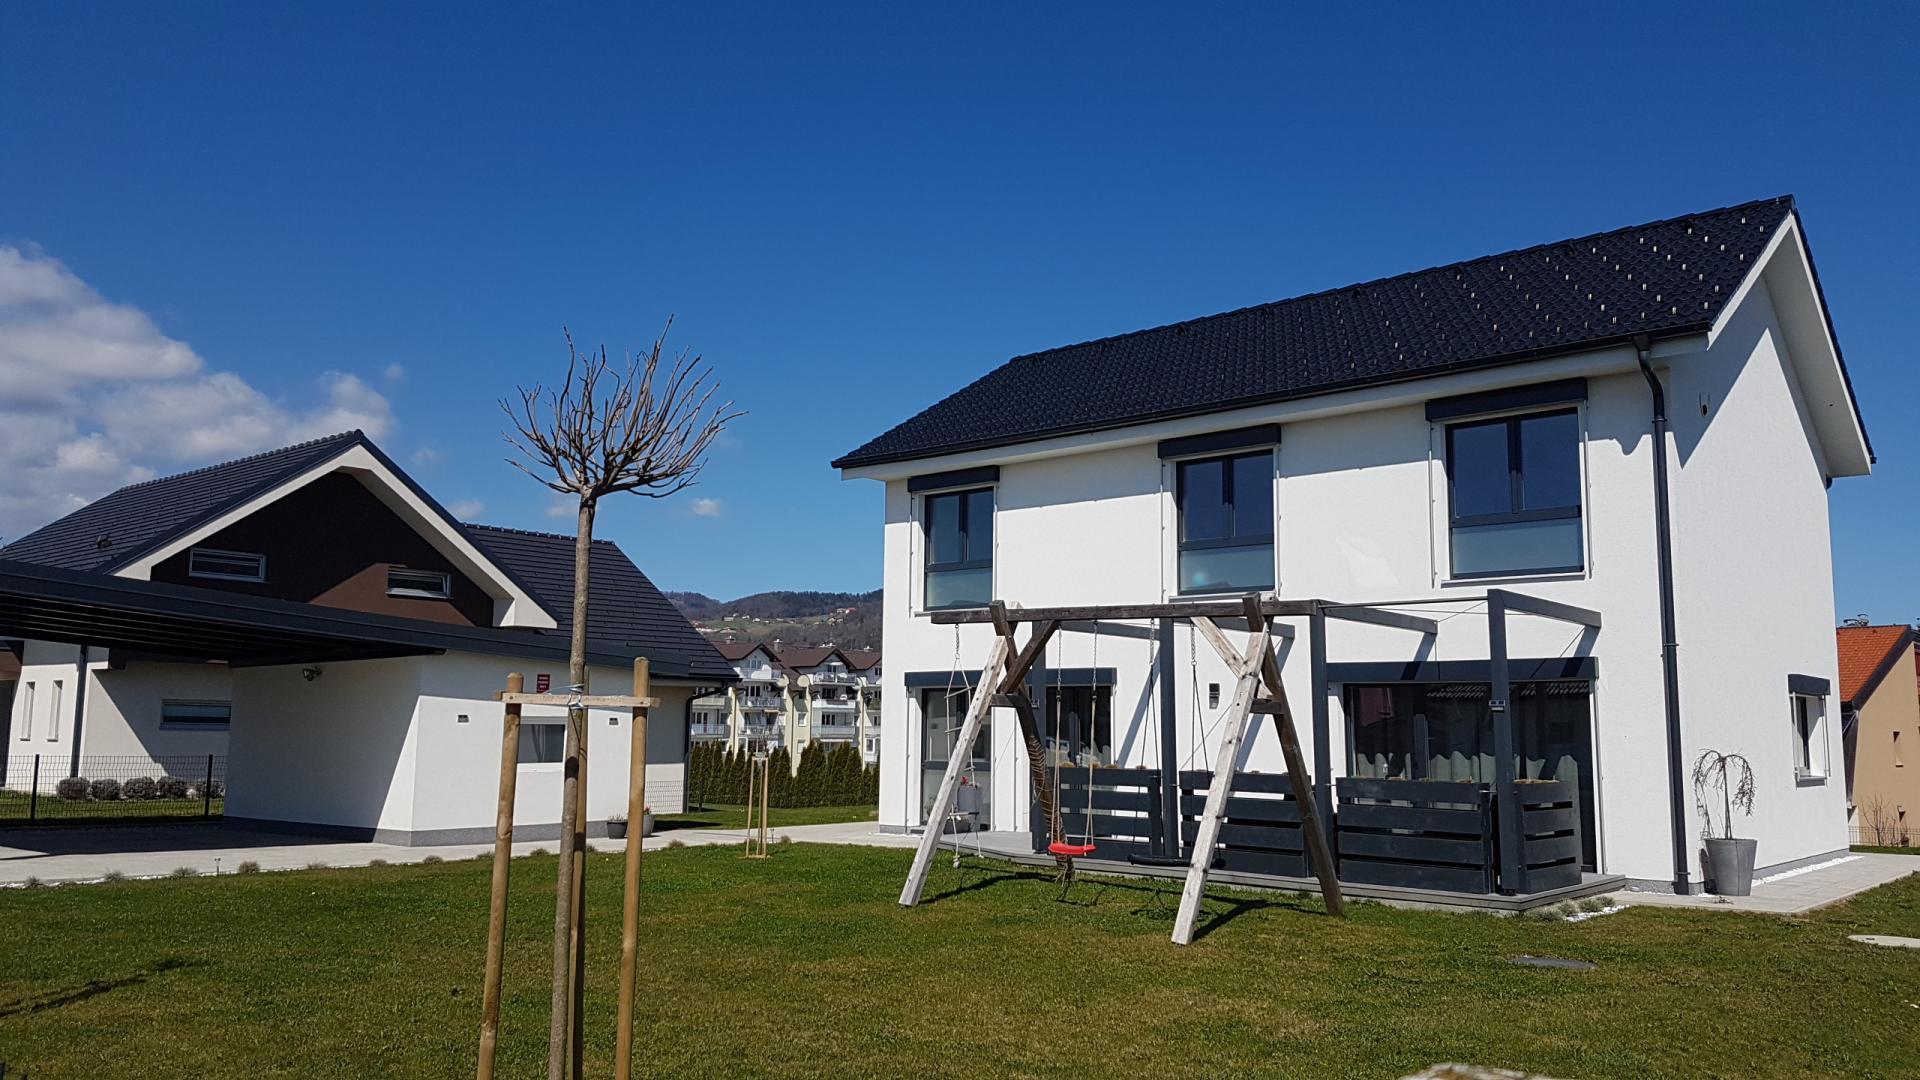 Lumar pripravlja dan odprtih vrat ob desetletnici hiše Primus